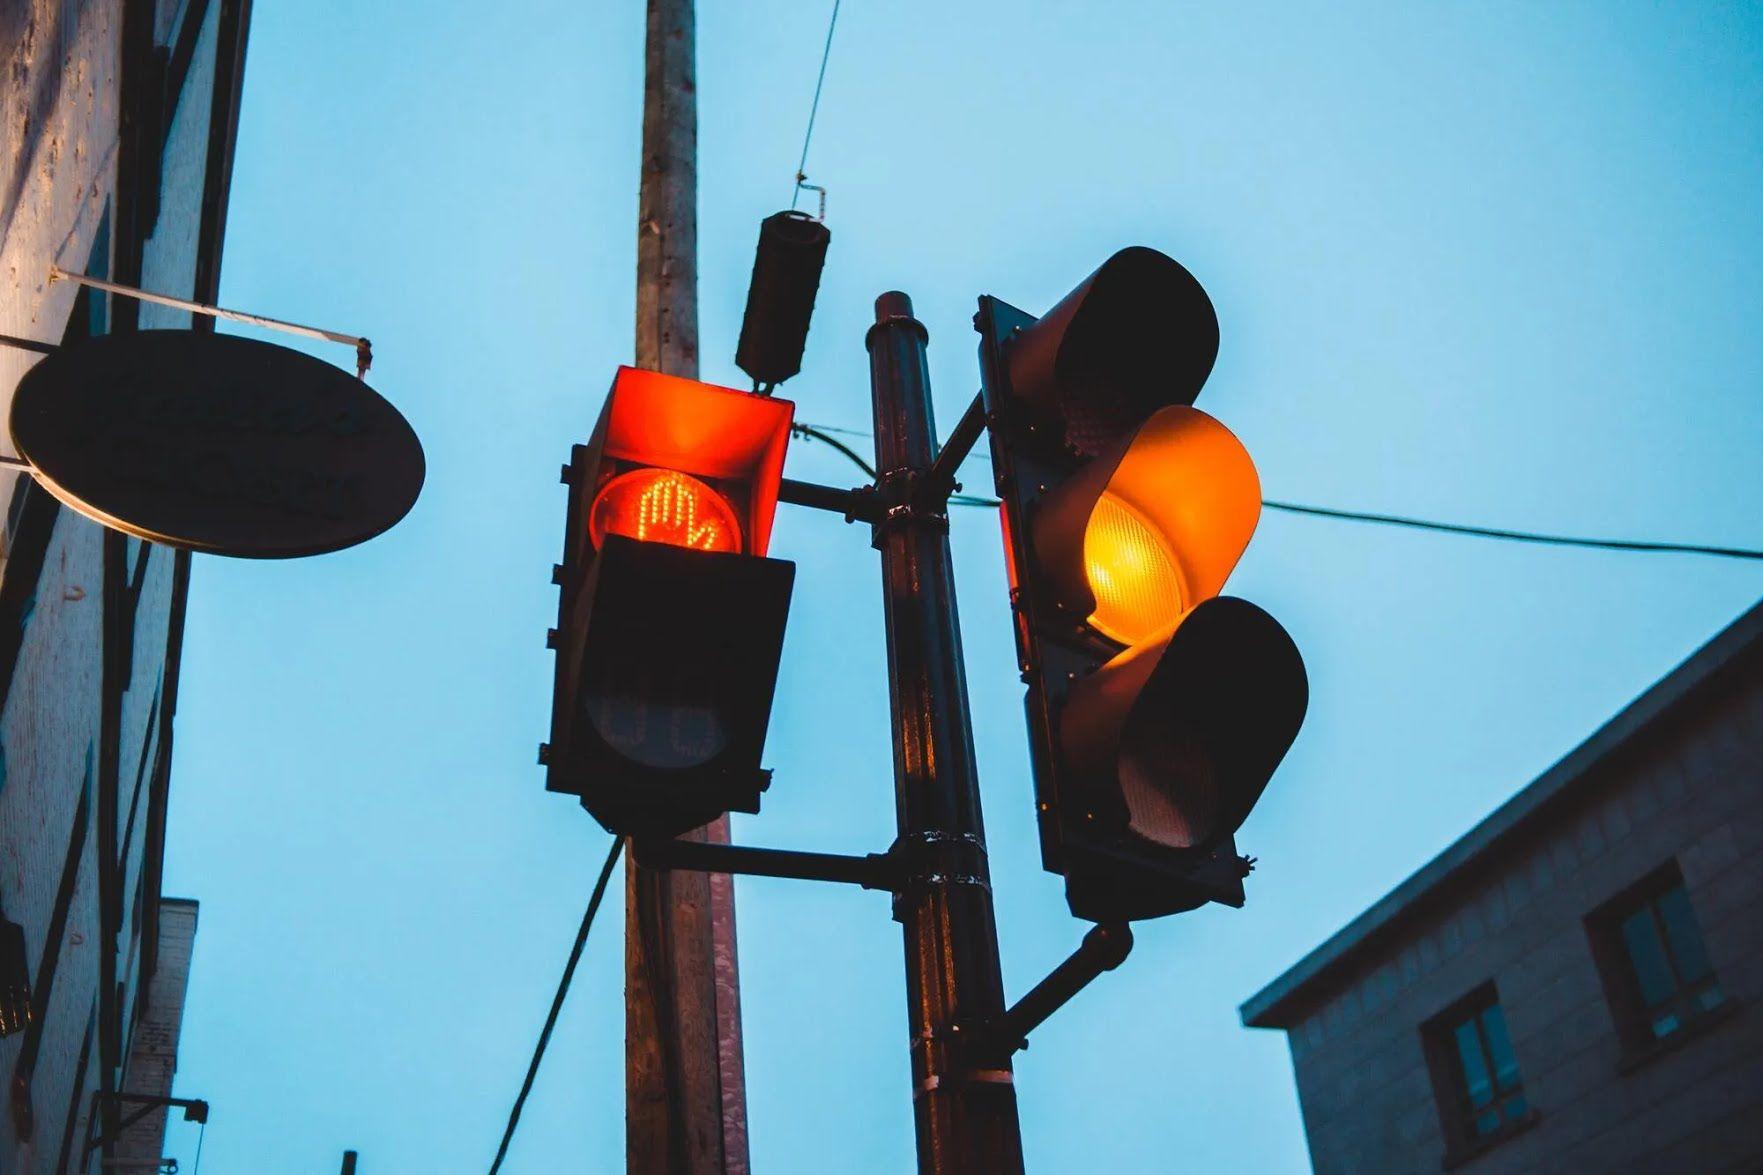 """В Польше нельзя выезжать на перекресток на """"желтый свет"""""""